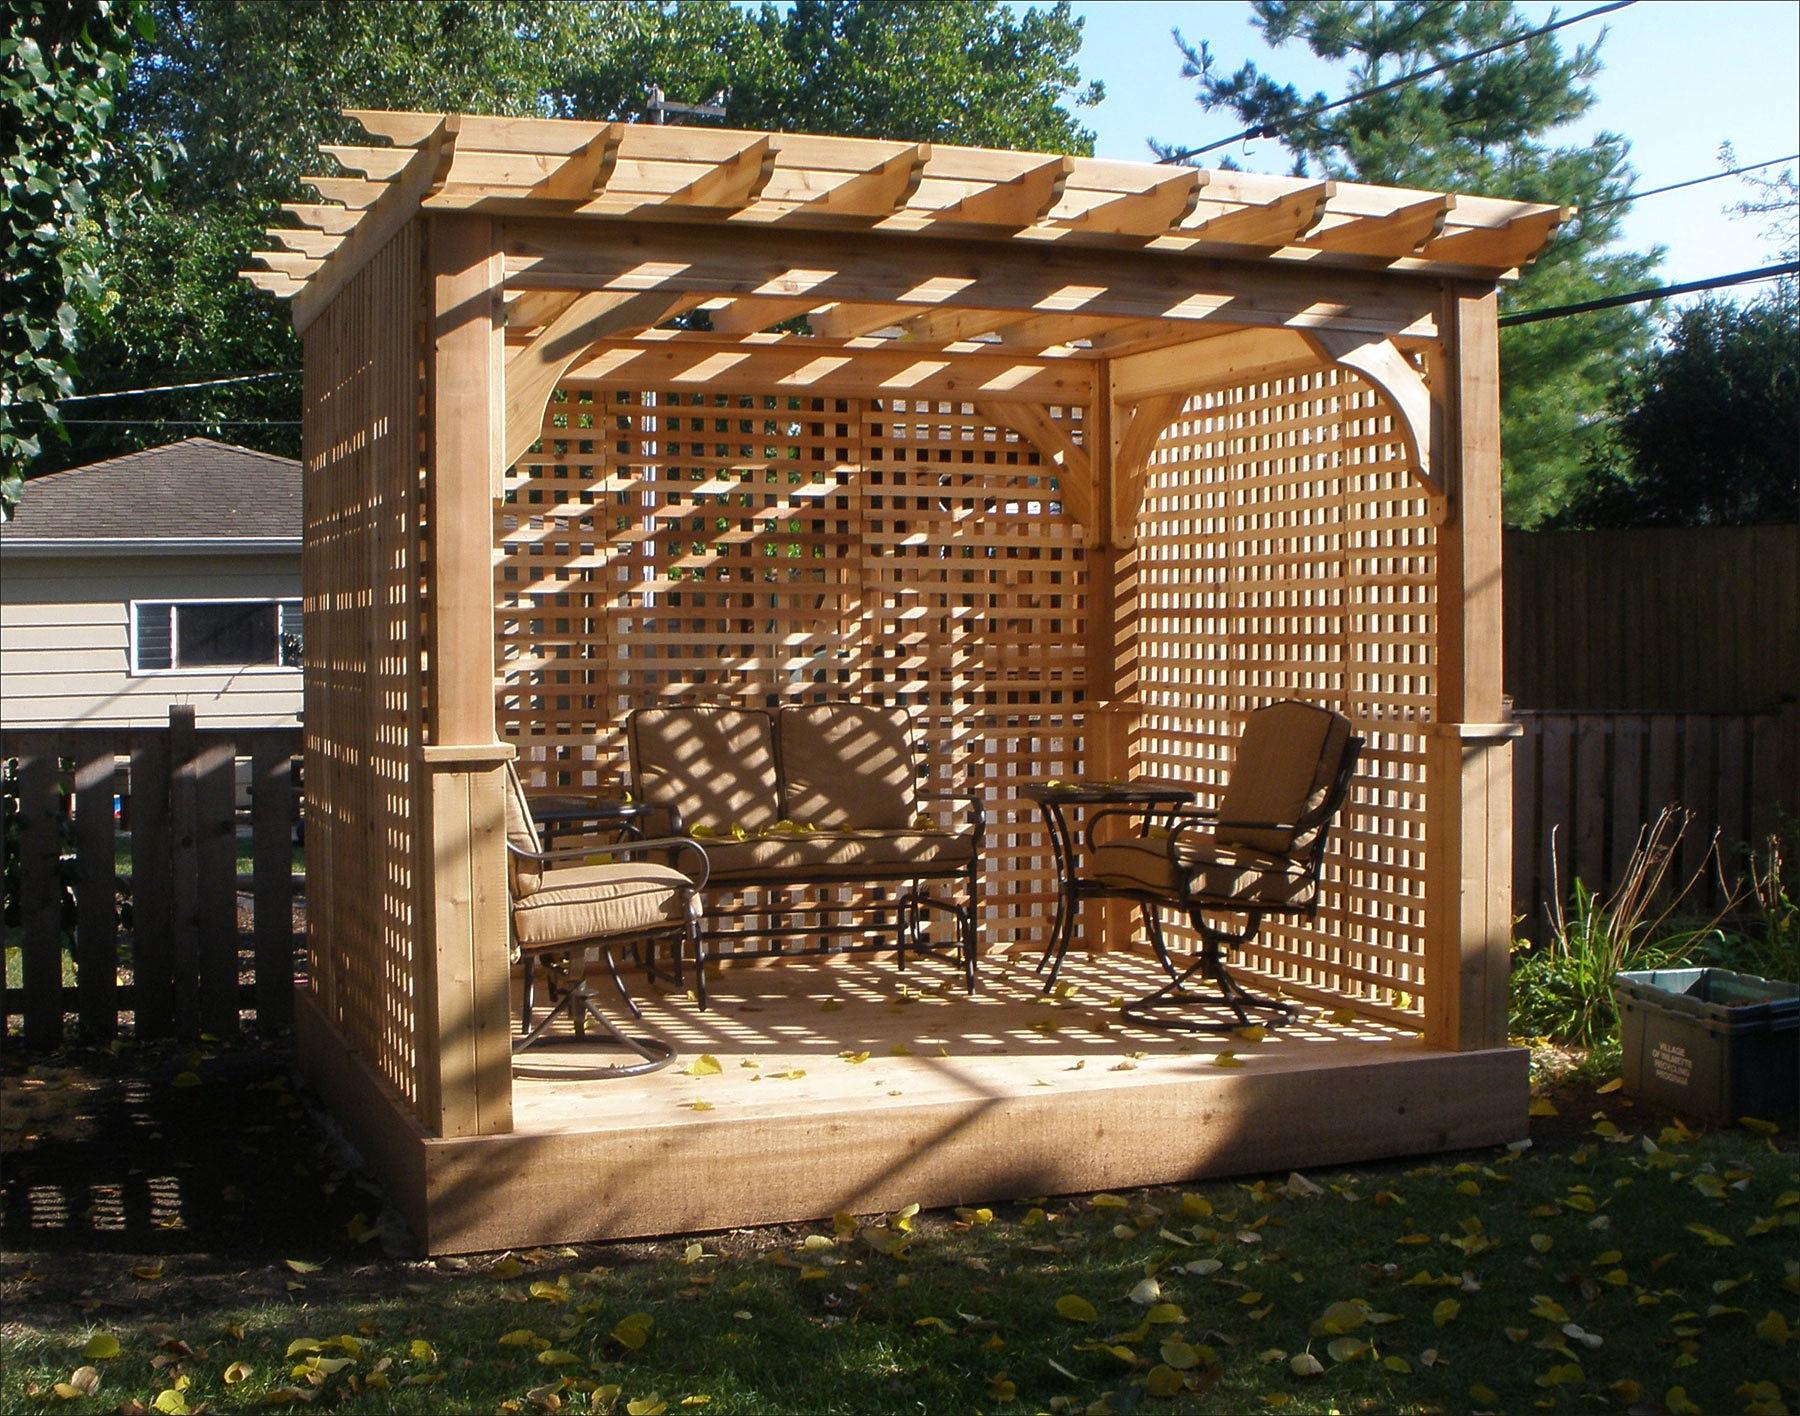 seksi-pergola-resimleri-duvar-ahşap-sandalye-set-doğal-bitkiler-sıcak-of-pergola-merdiven-yeşil-ağaçlar-direk-serin-planları-bedava-veranda-sandalye-setleri-ile-muhteşem- diy-perde-kapı-kesit-açık